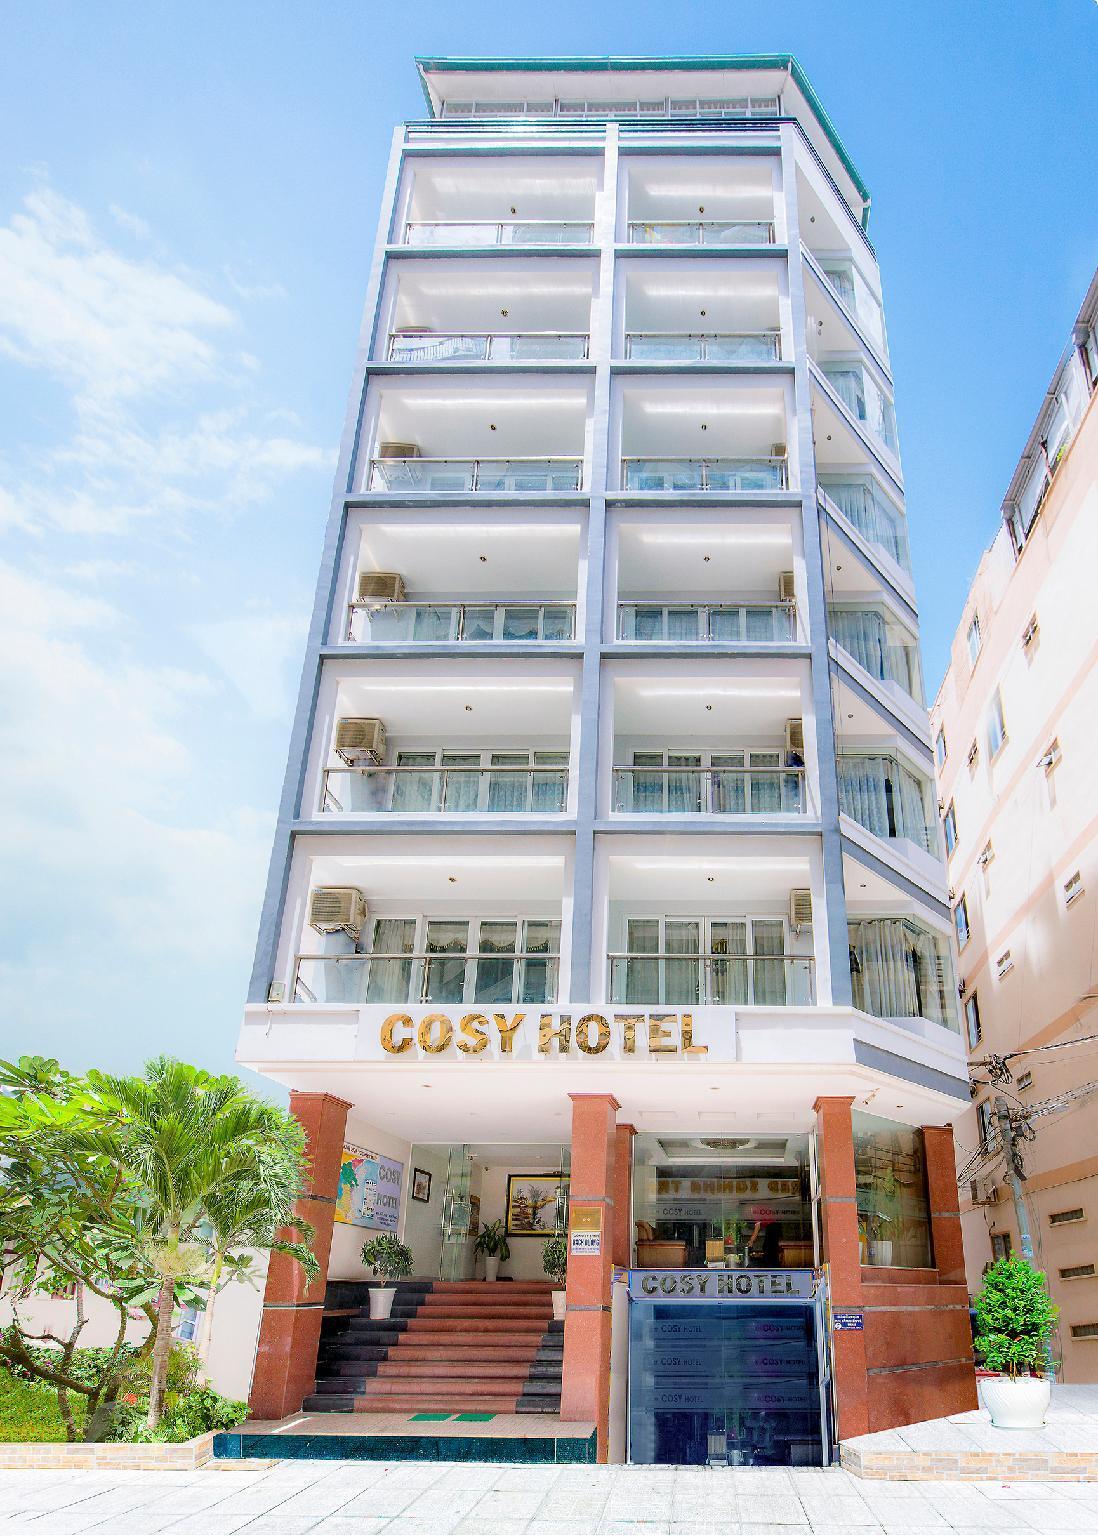 Cosy Hotel, Nha Trang